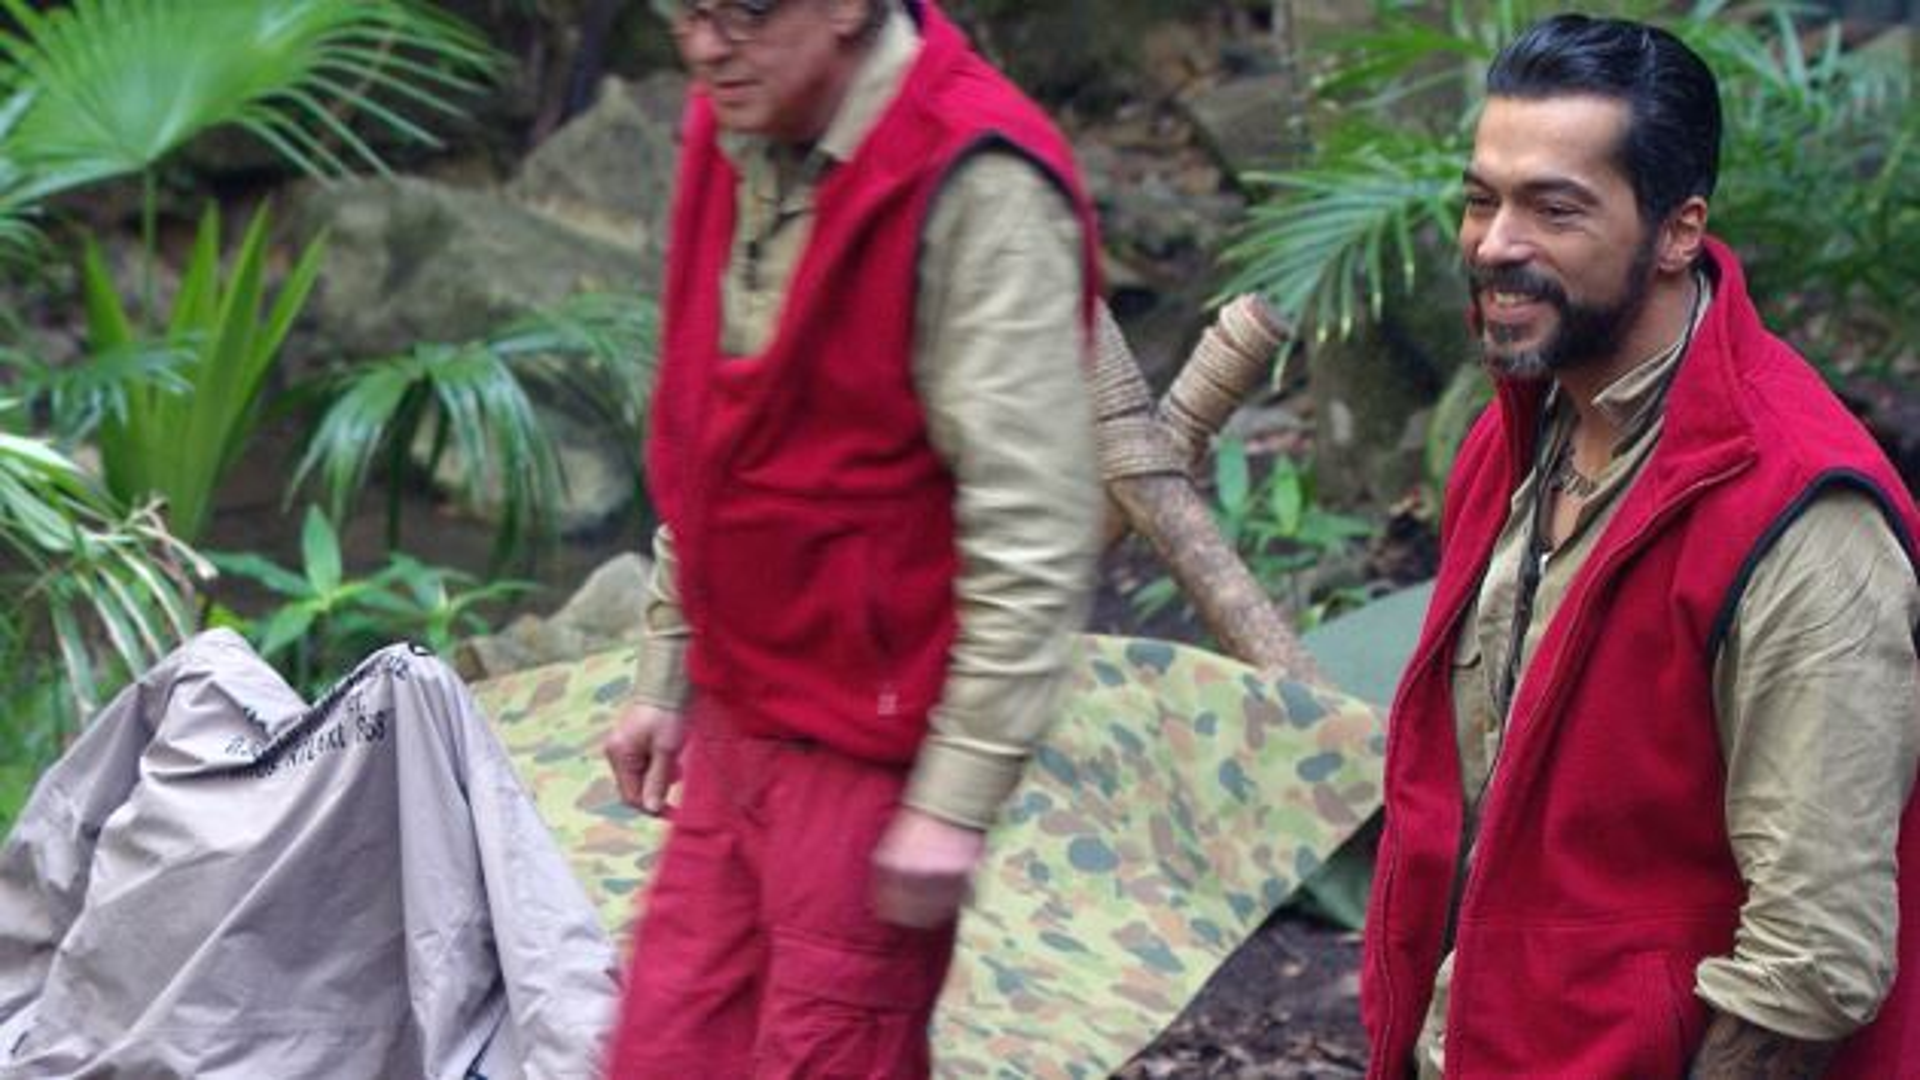 Aurelio-Savina-Dschungelcamp-lachen